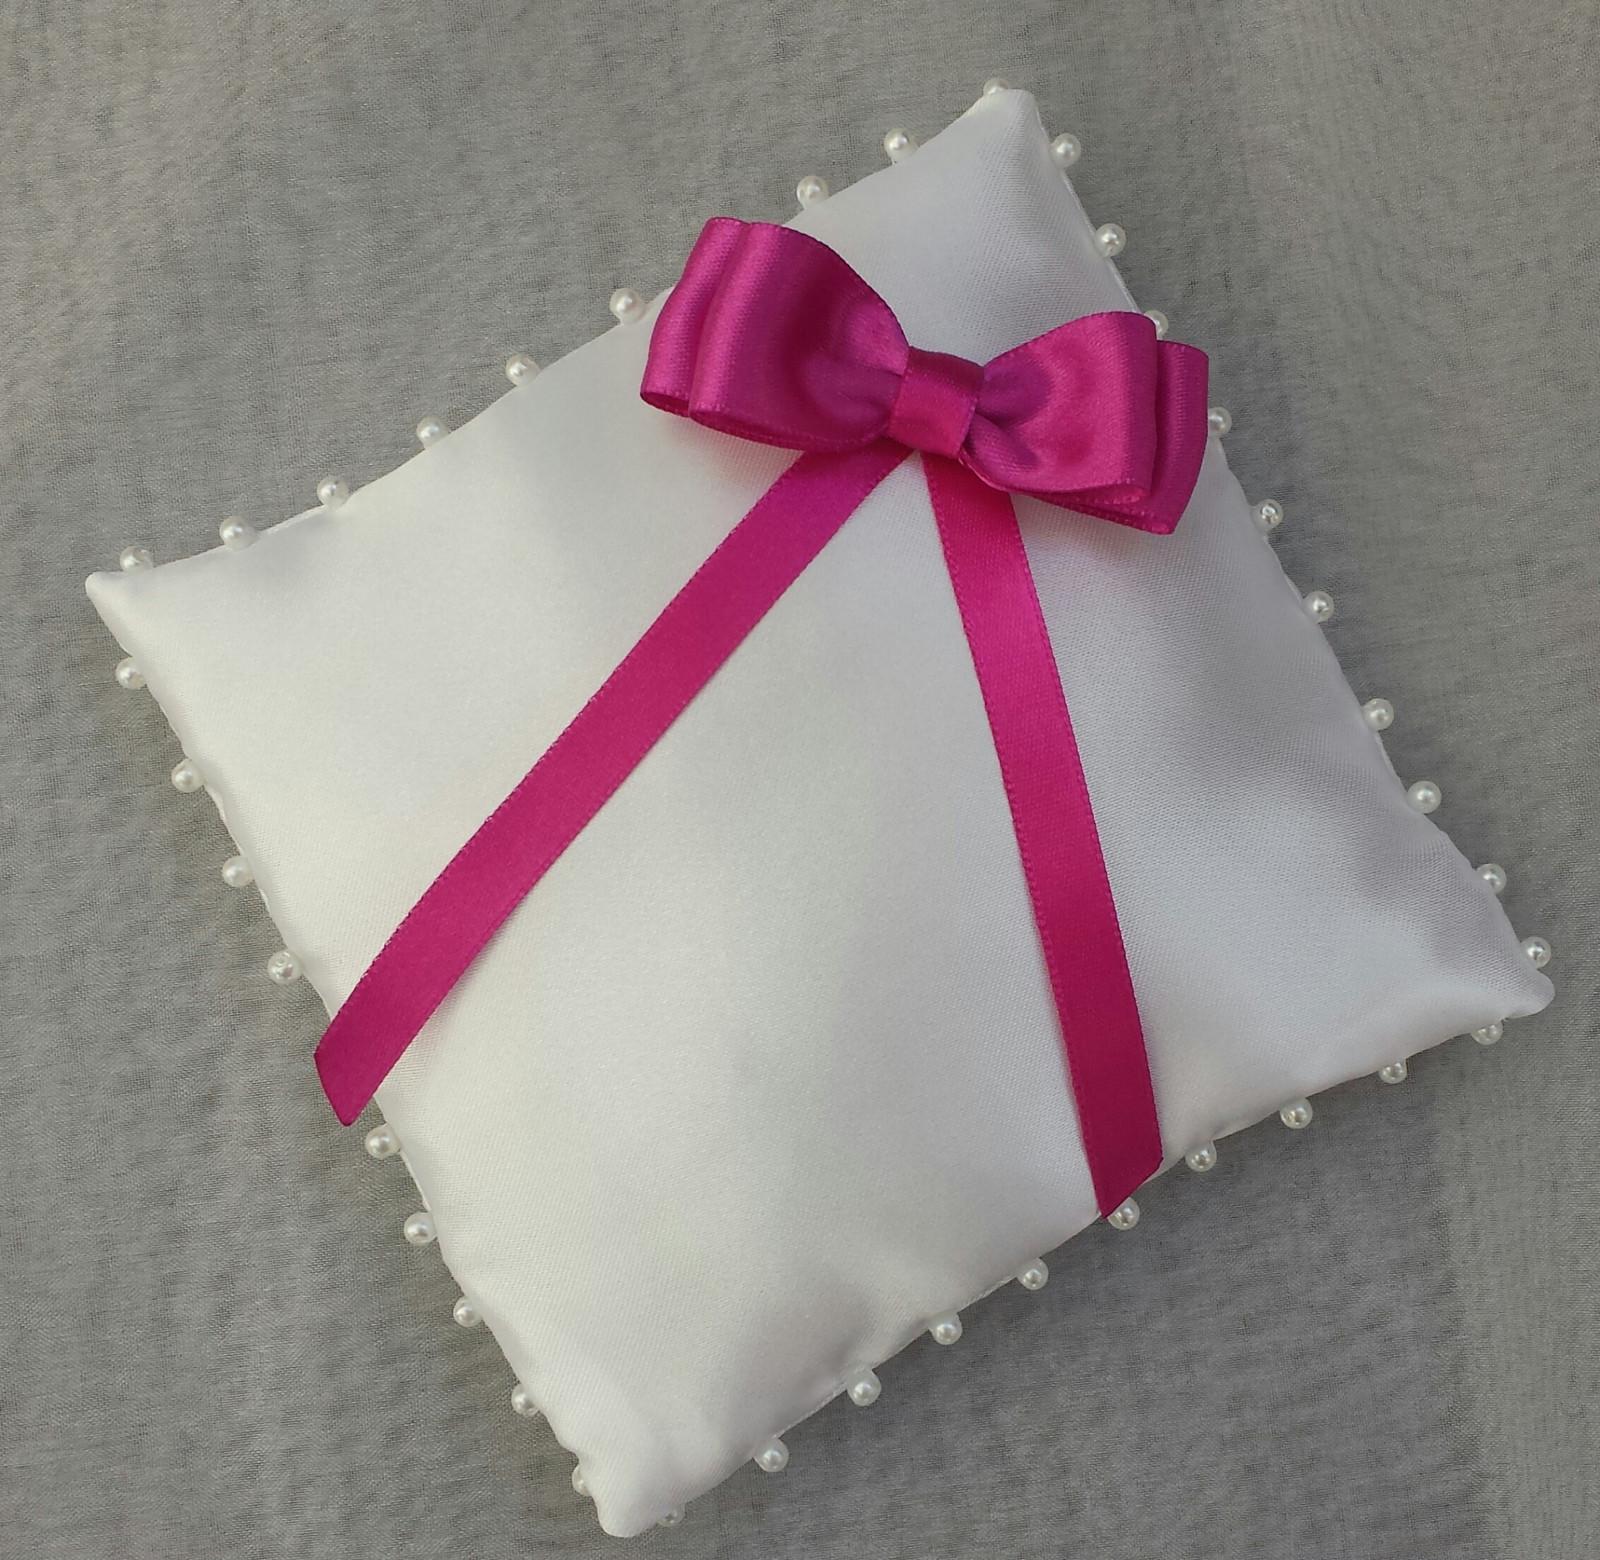 Bílý polštářek pod prstýnky s fuchsiovou mašličkou - Obrázek č. 1